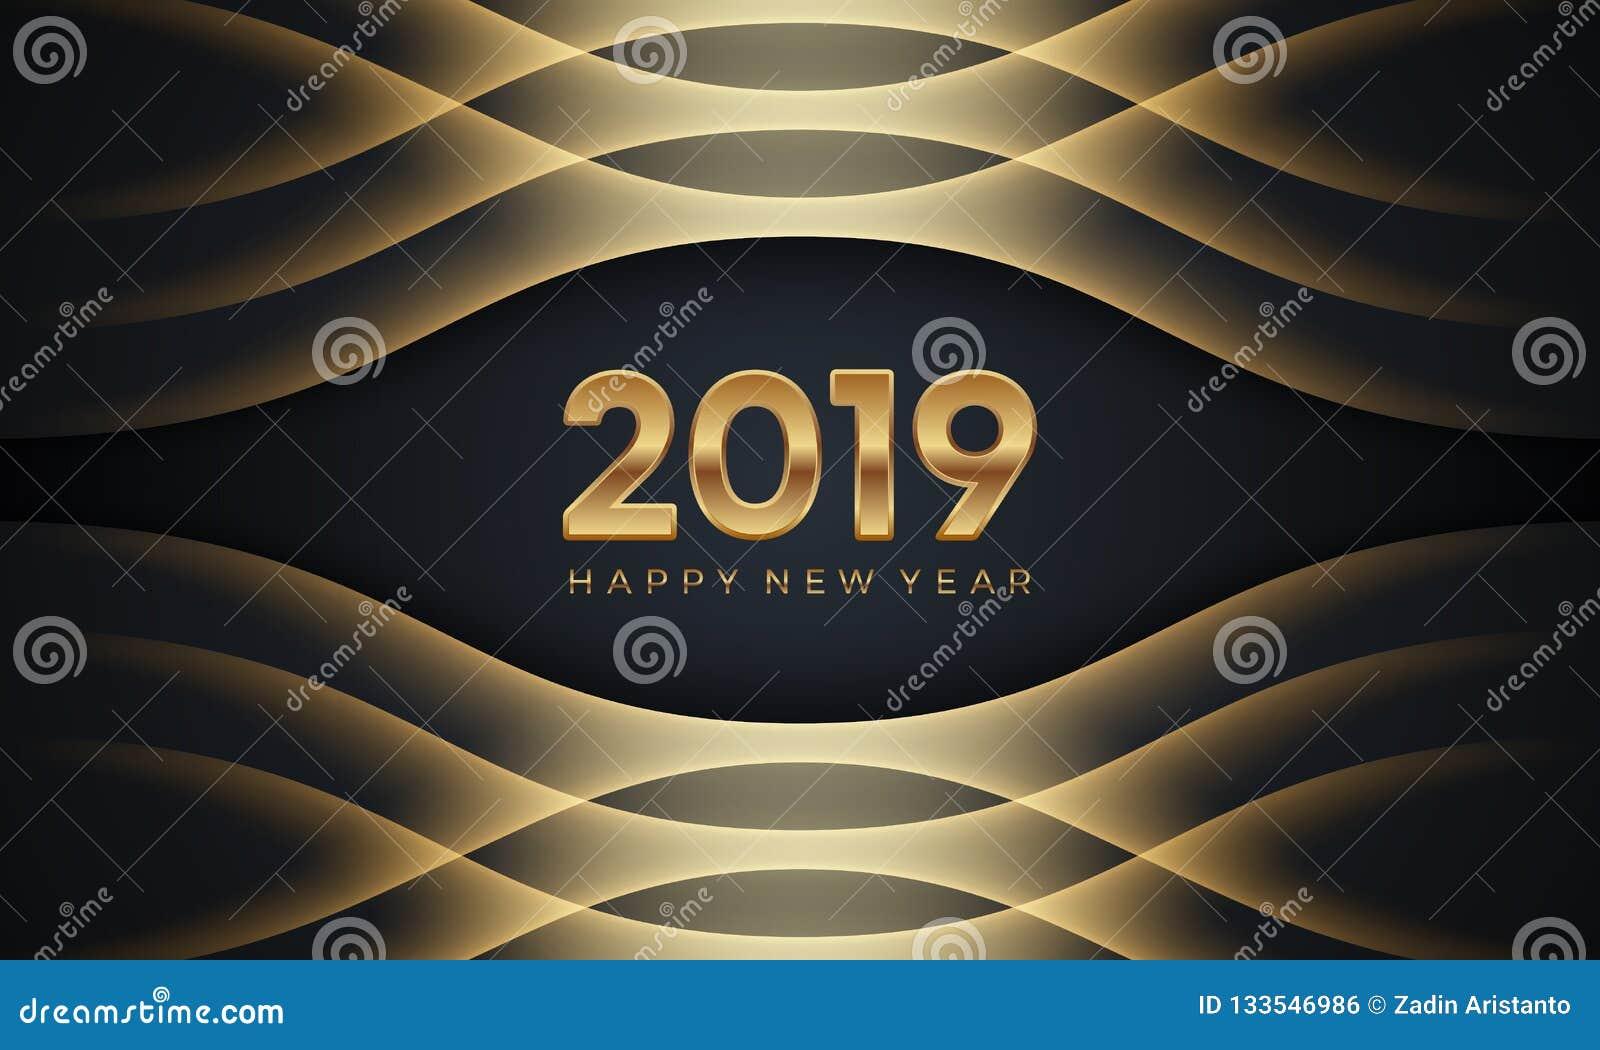 Bonne année 2019 Illustration abstraite de luxe créative de vecteur avec des nombres d or sur le fond foncé